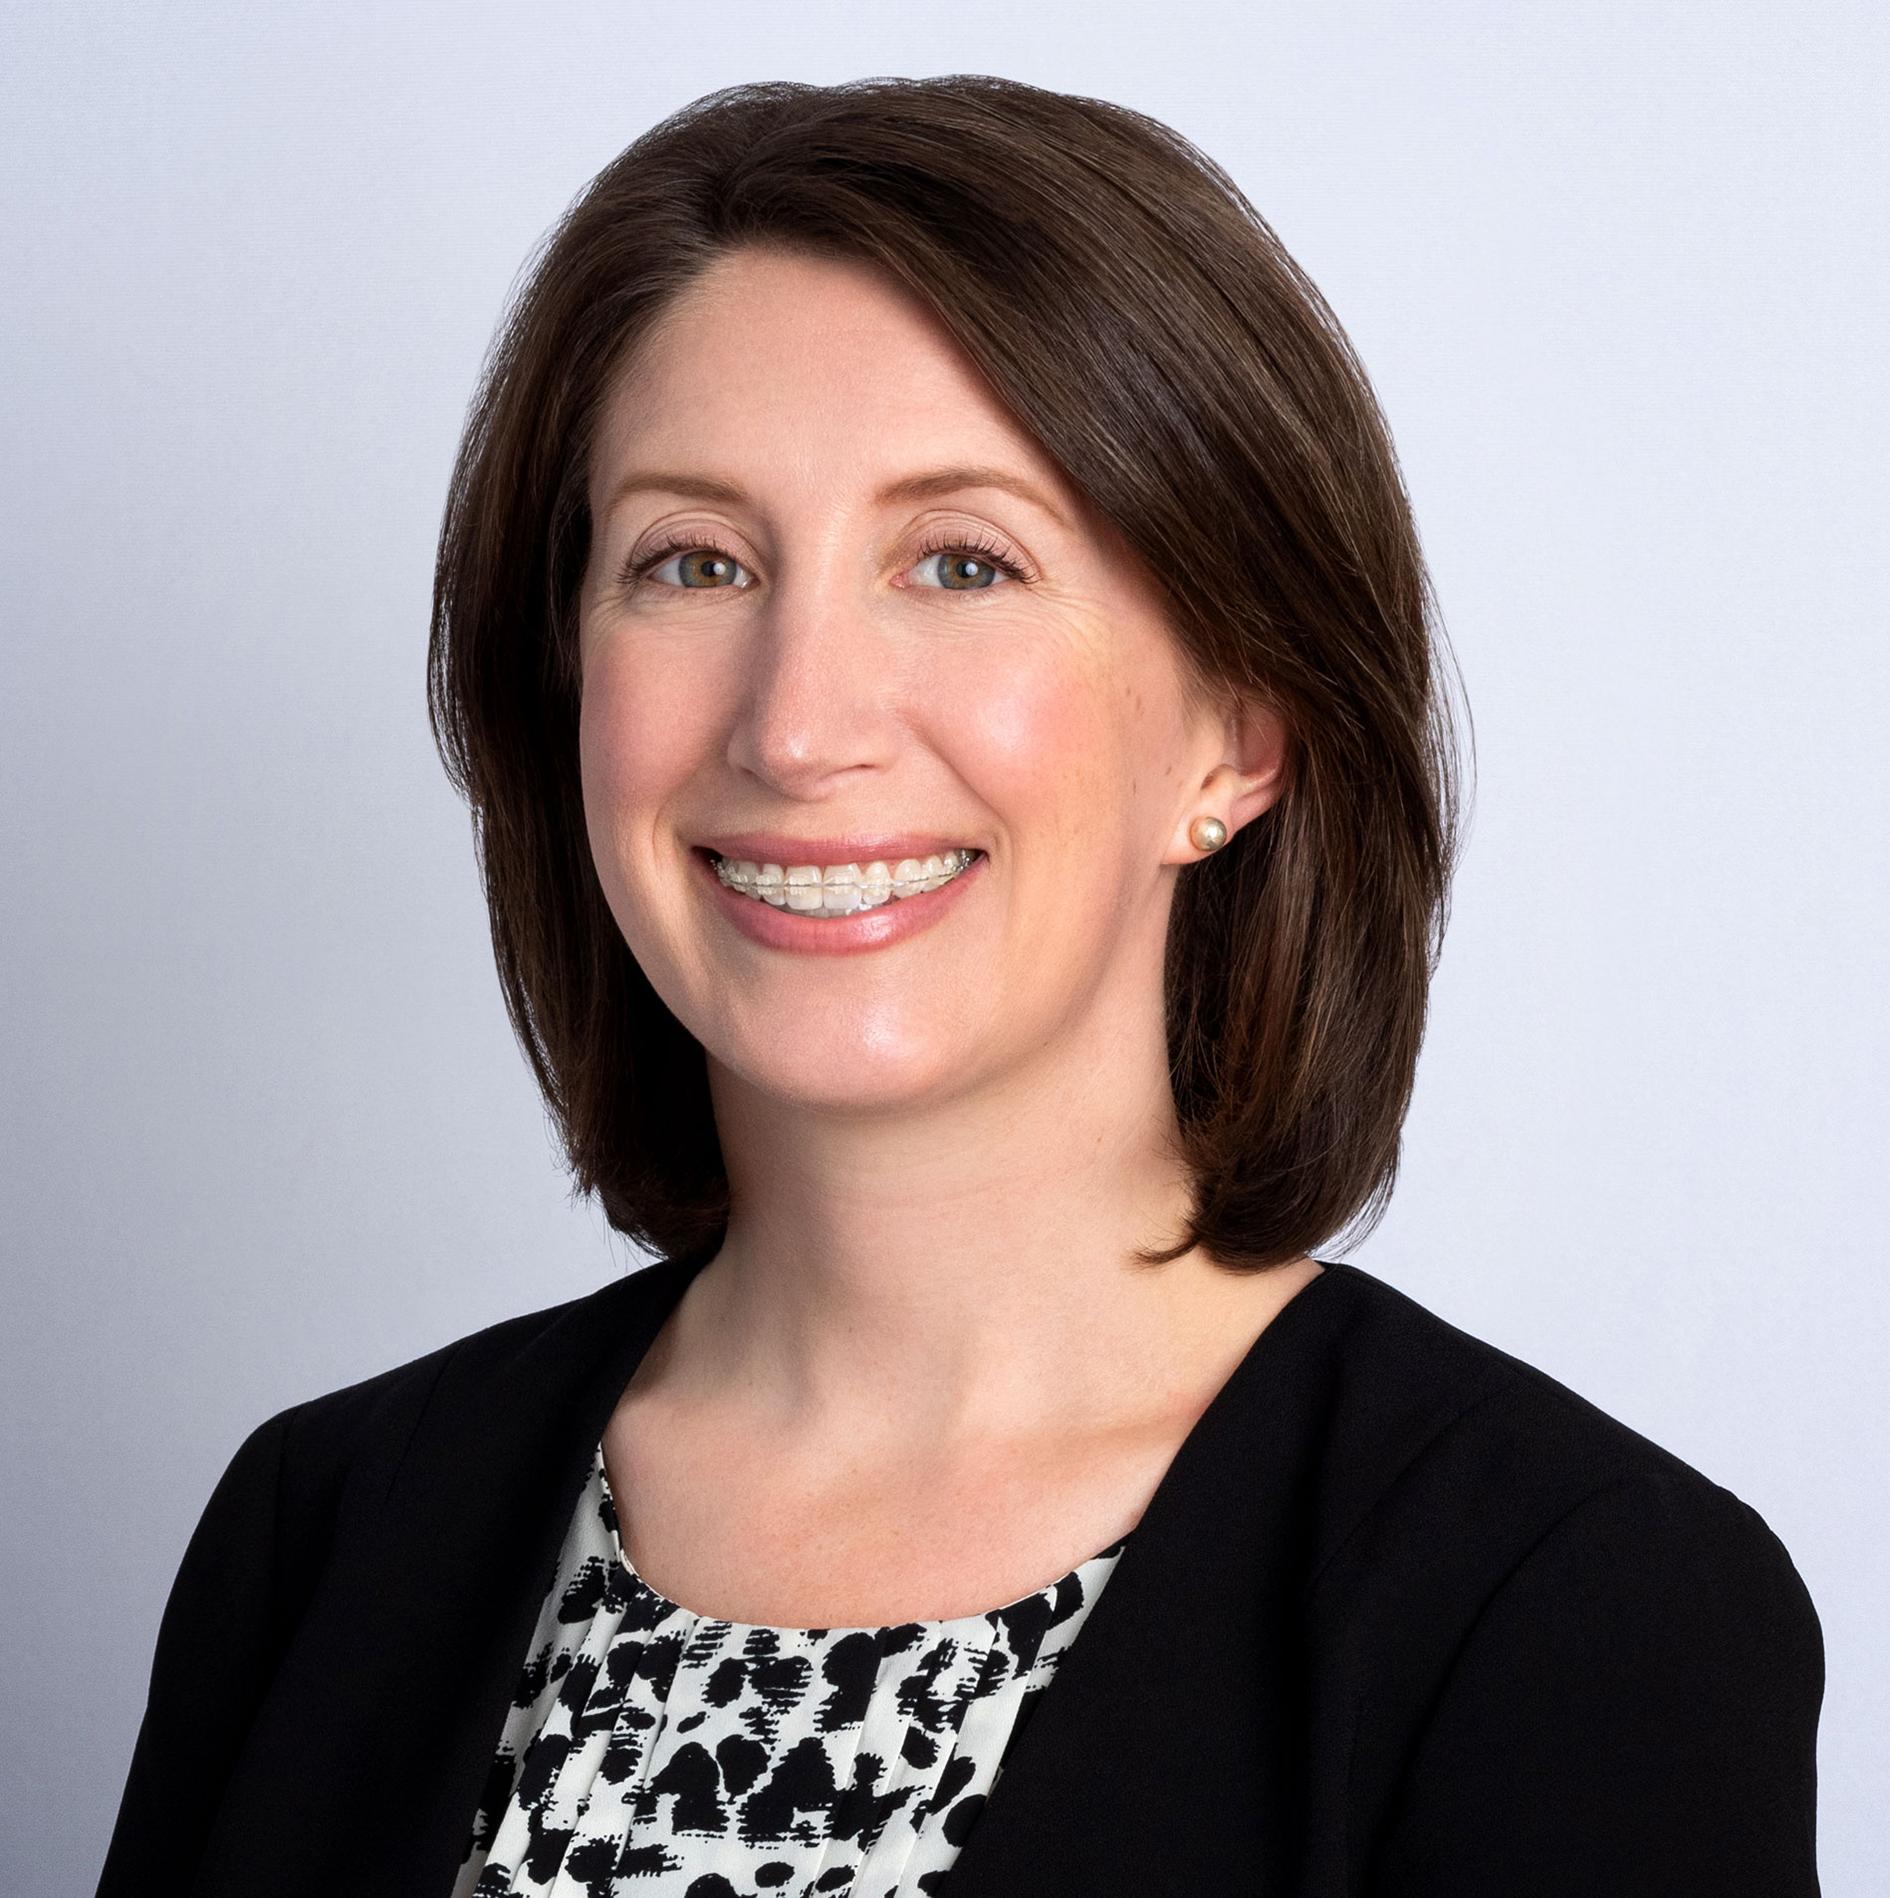 Katherine J. Van-Gunst